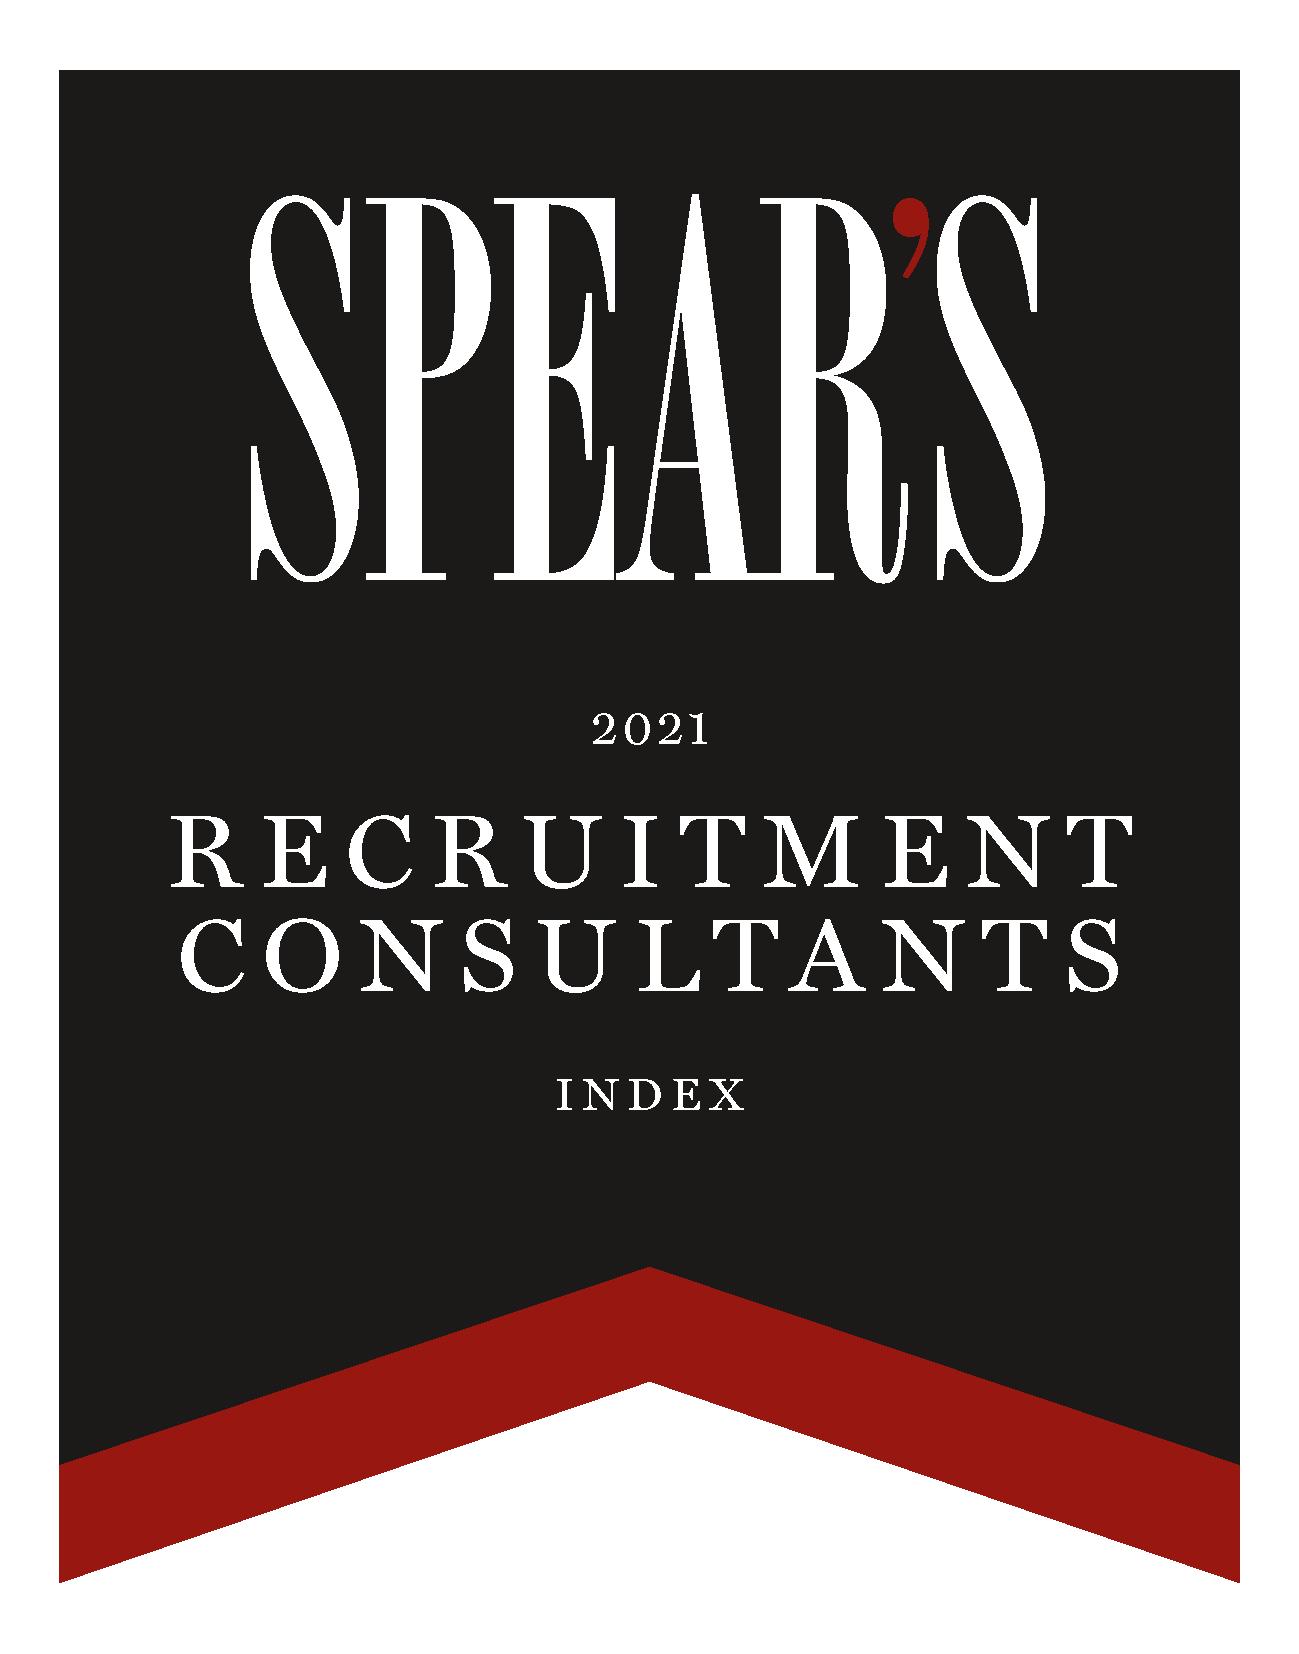 Spears Family Office Recruitment